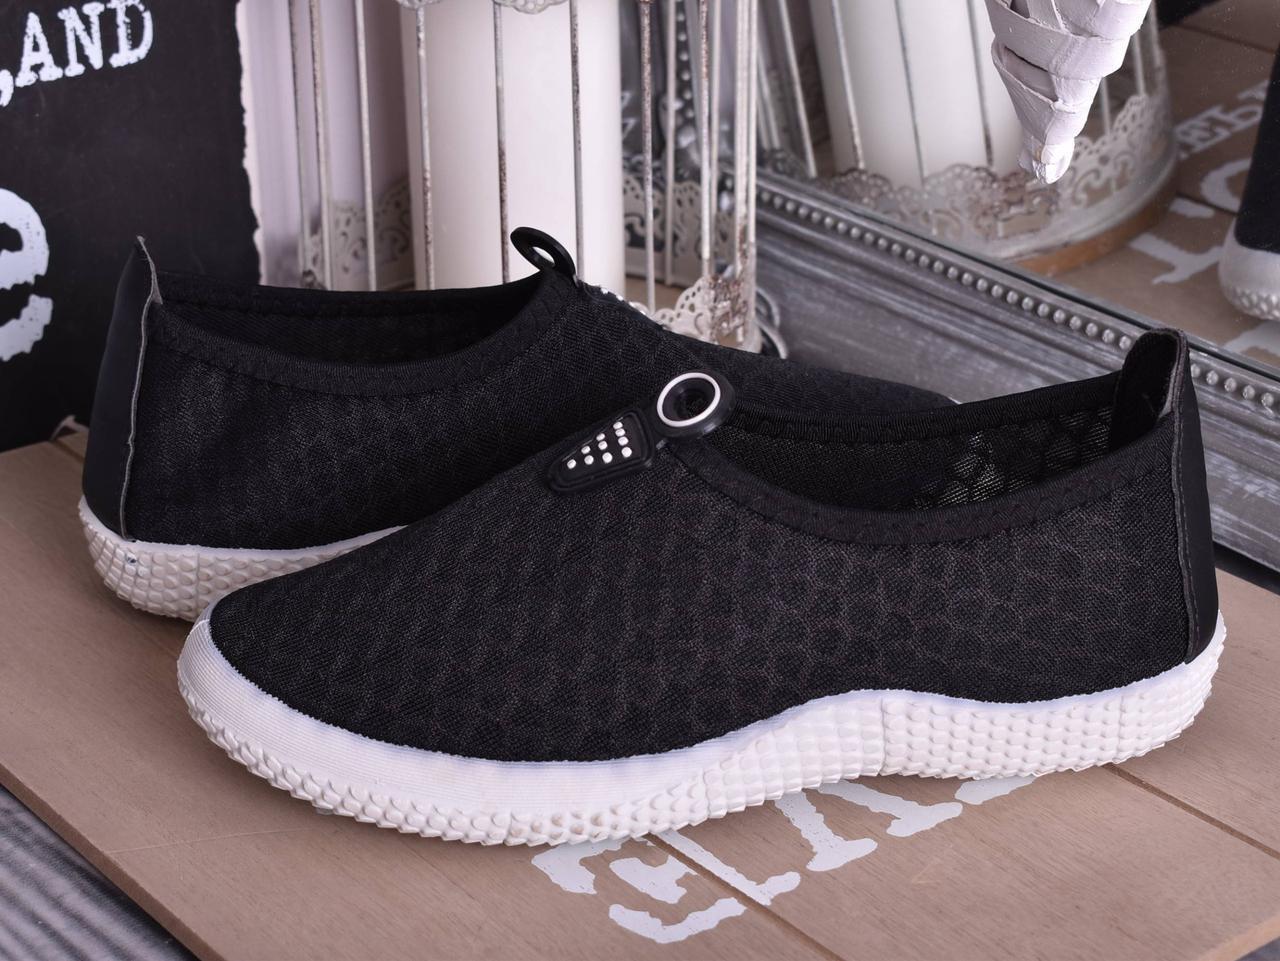 Женские кроссовки чёрного цвета очень красивые